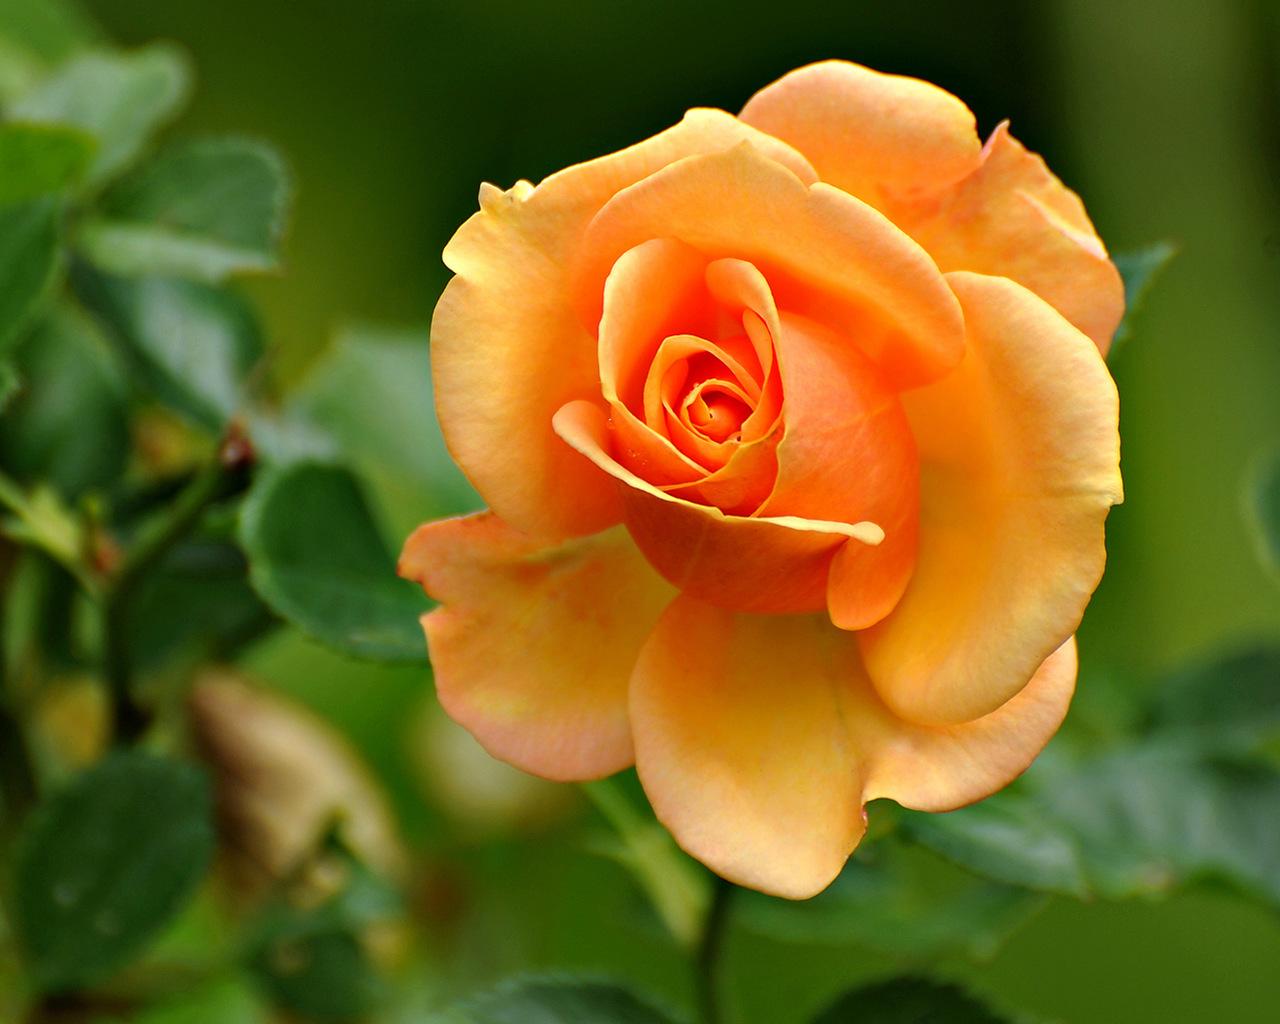 16210 скачать обои Растения, Цветы, Розы - заставки и картинки бесплатно